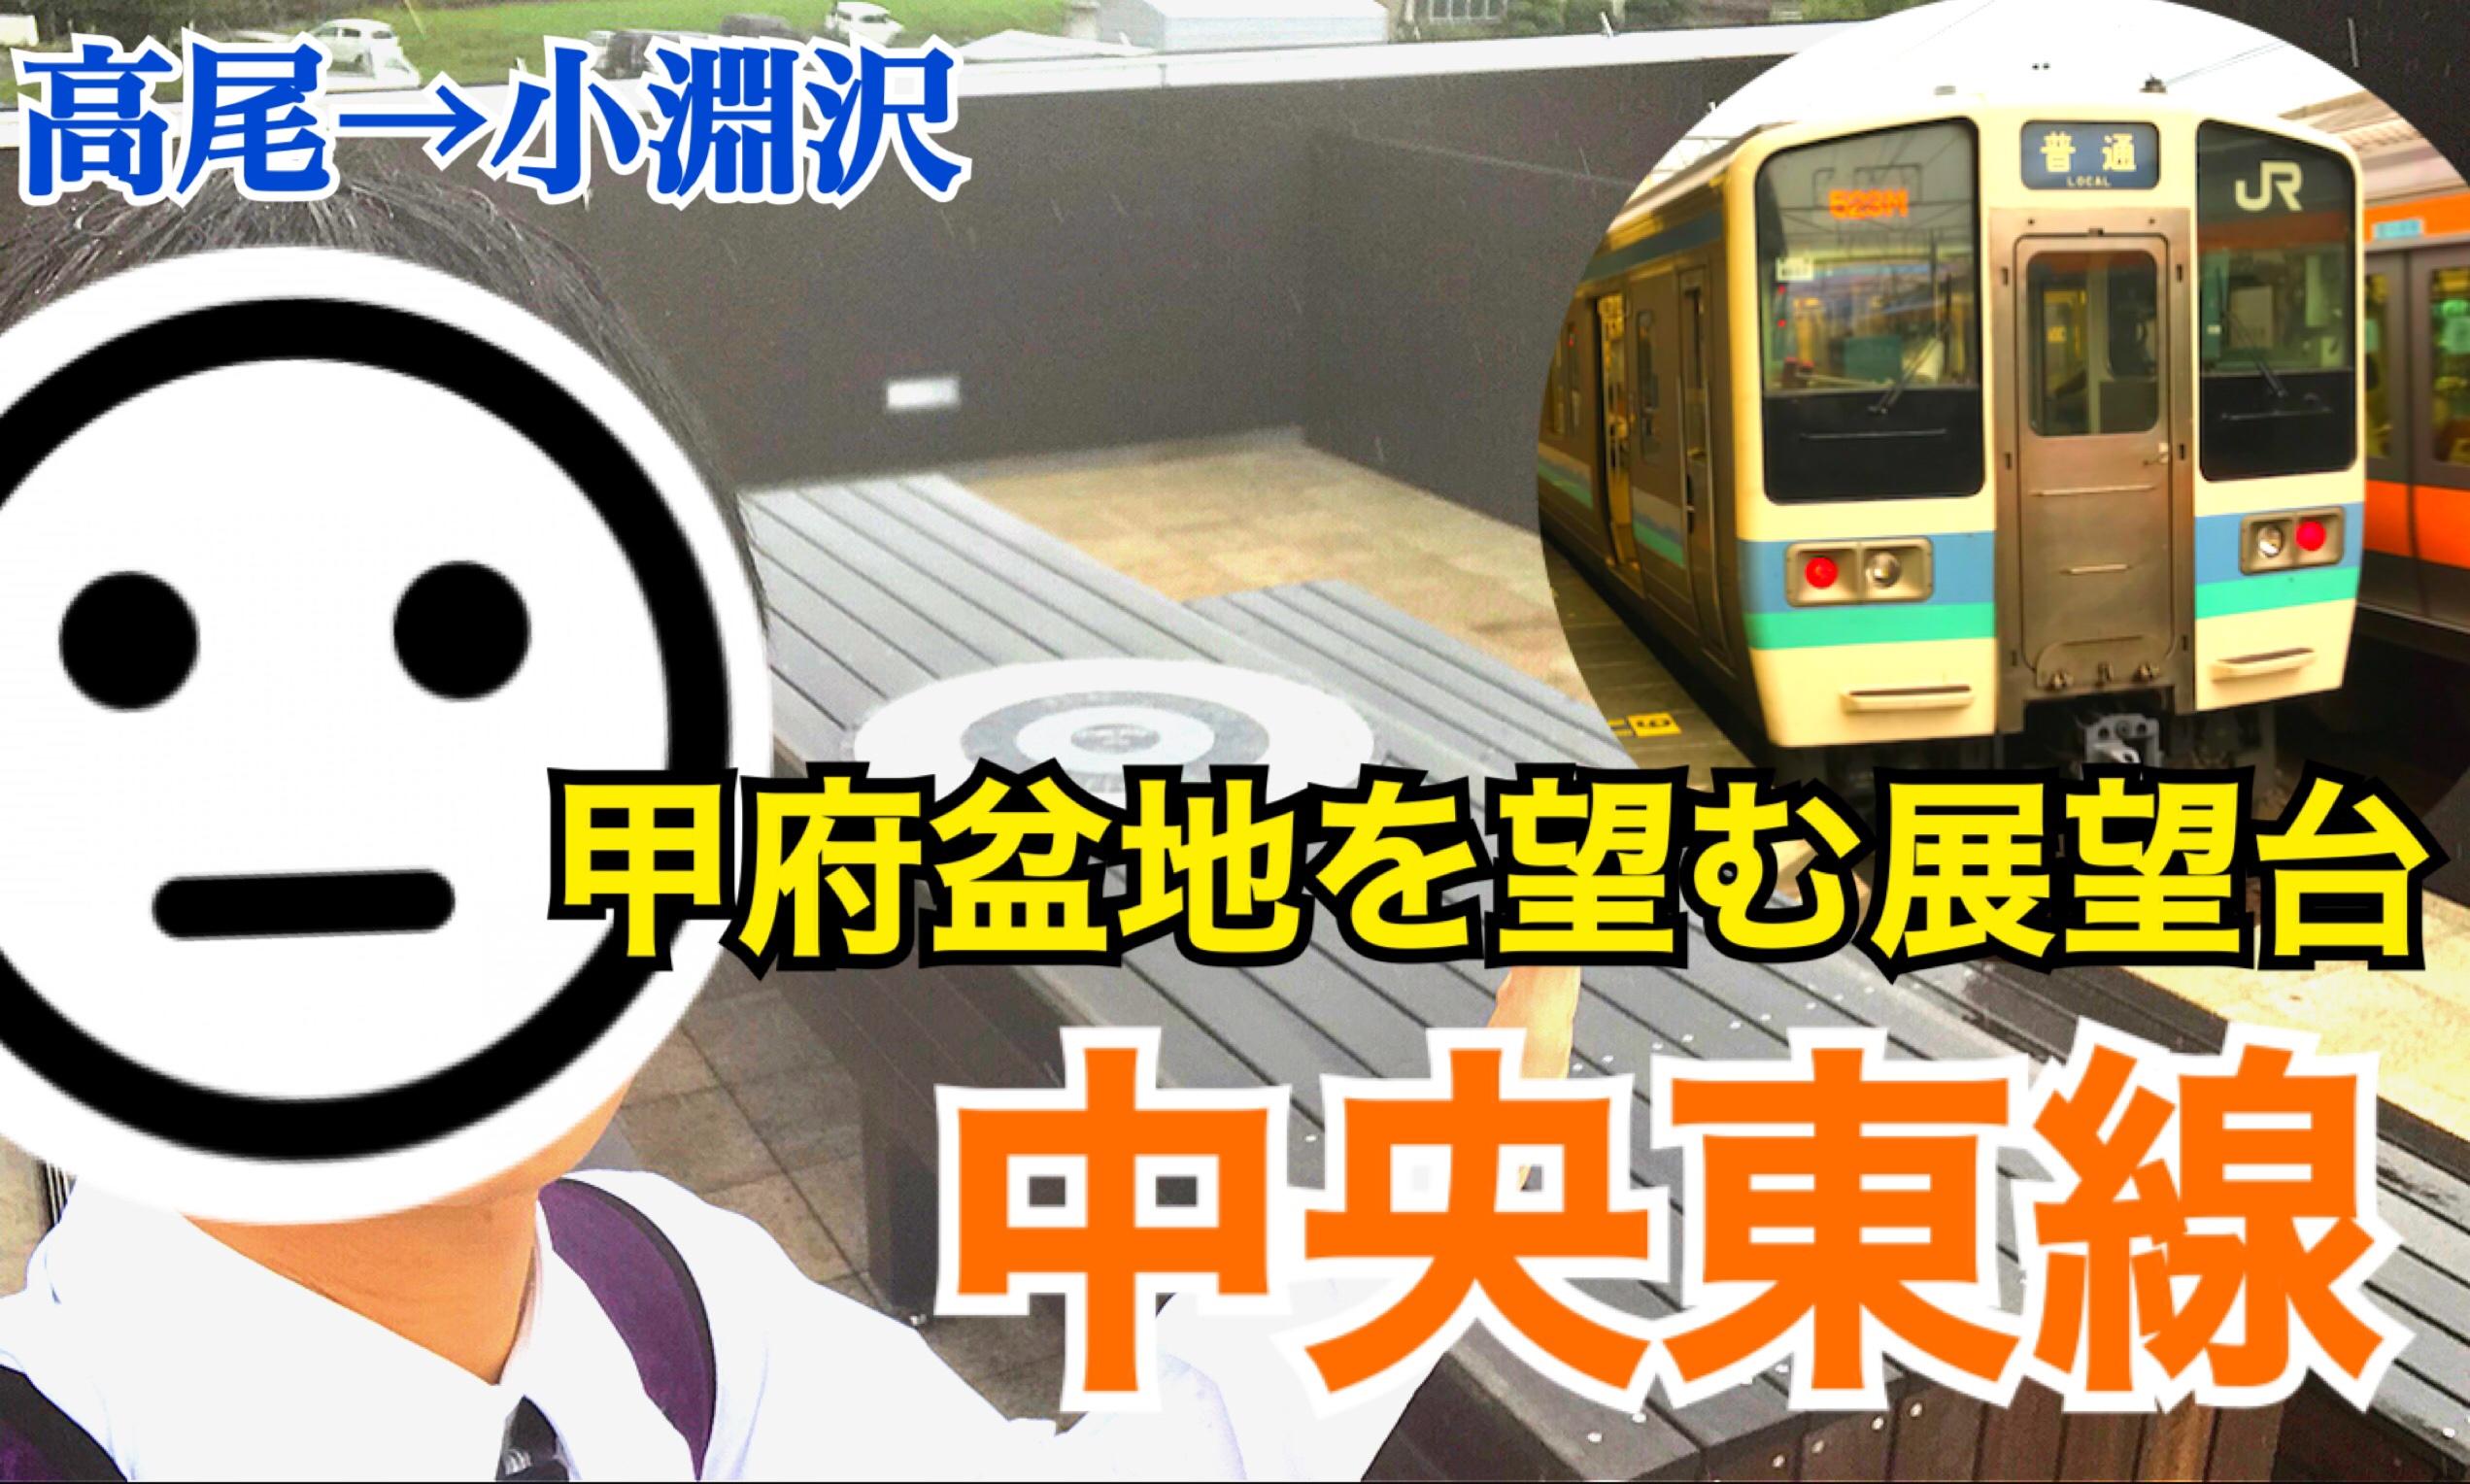 中央線から甲府盆地と八ヶ岳を望む旅 高尾→小淵沢 【中央線普通列車の旅】